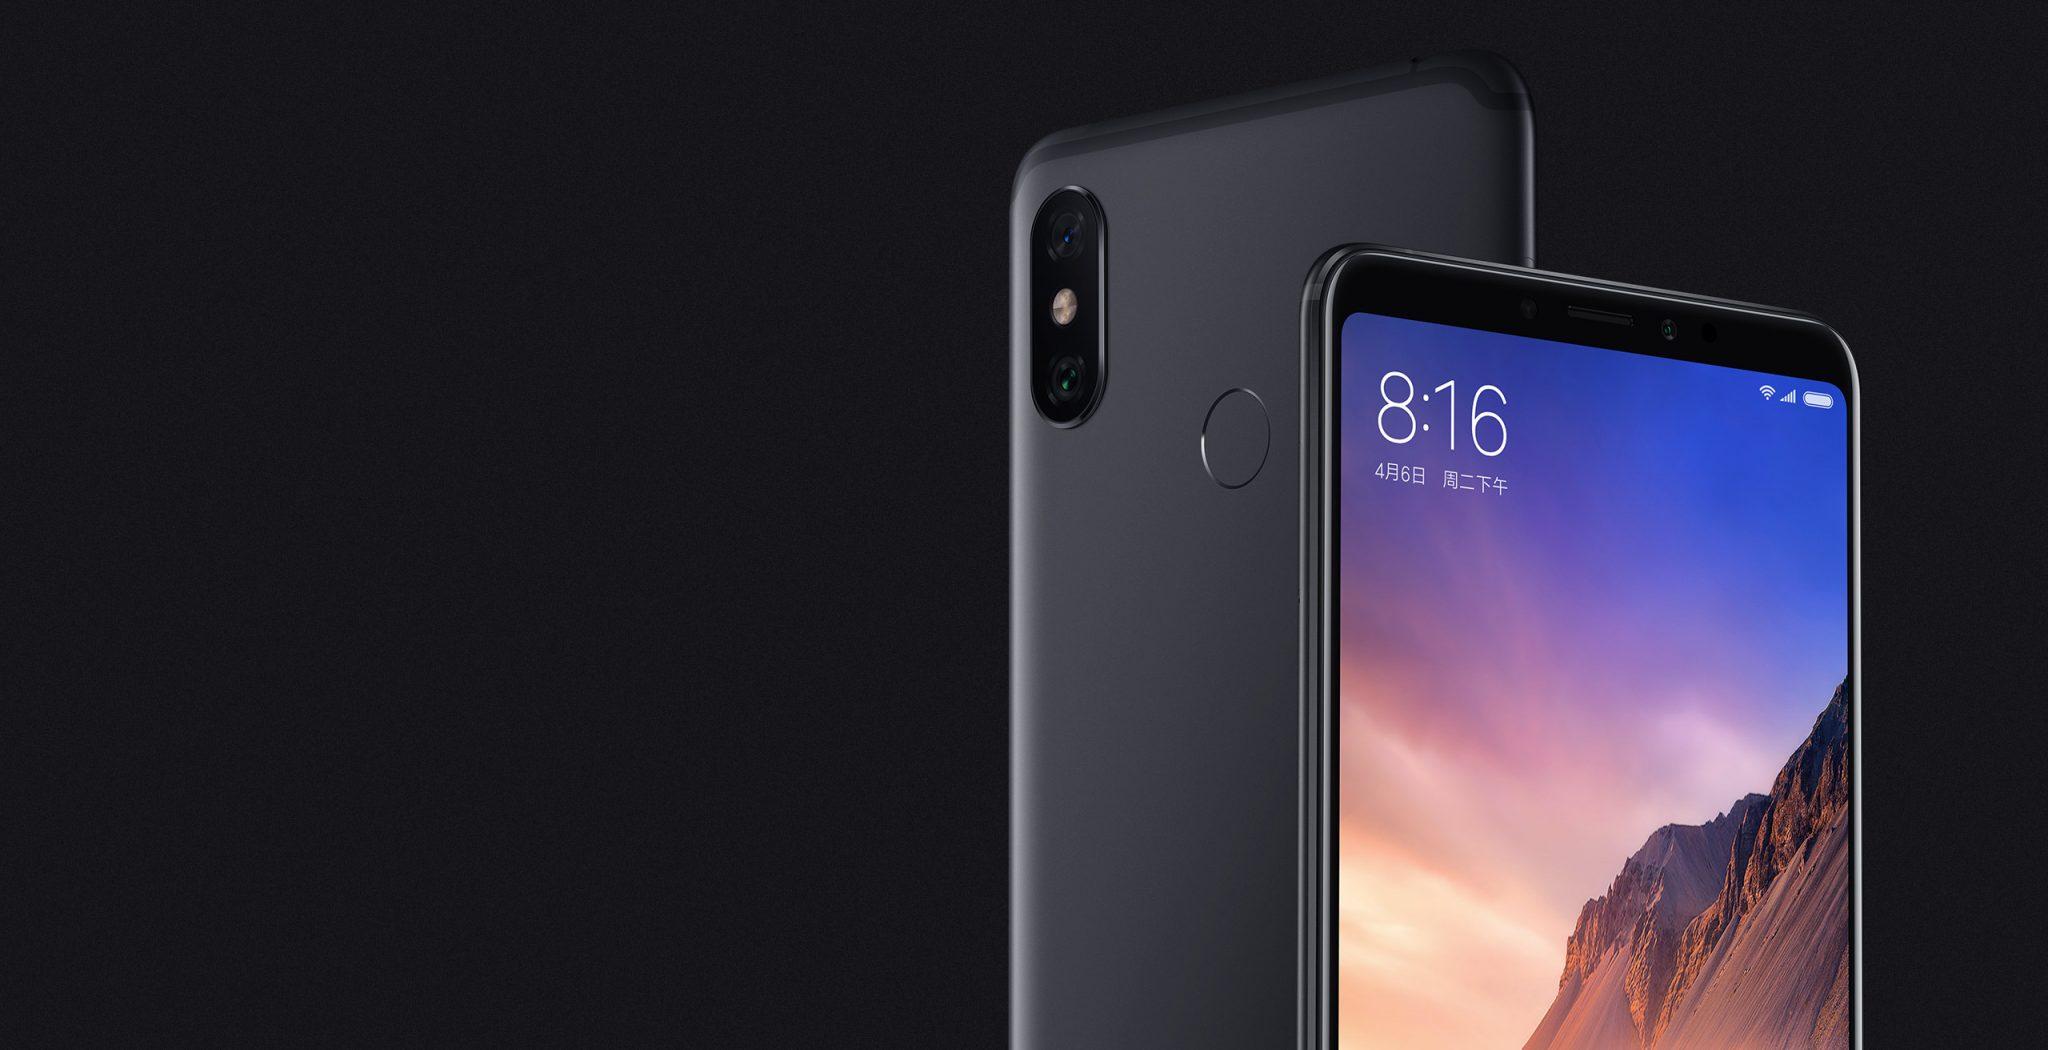 Tout sur le Xiaomi Mi Max 3, le smartphone à l'écran géant ()